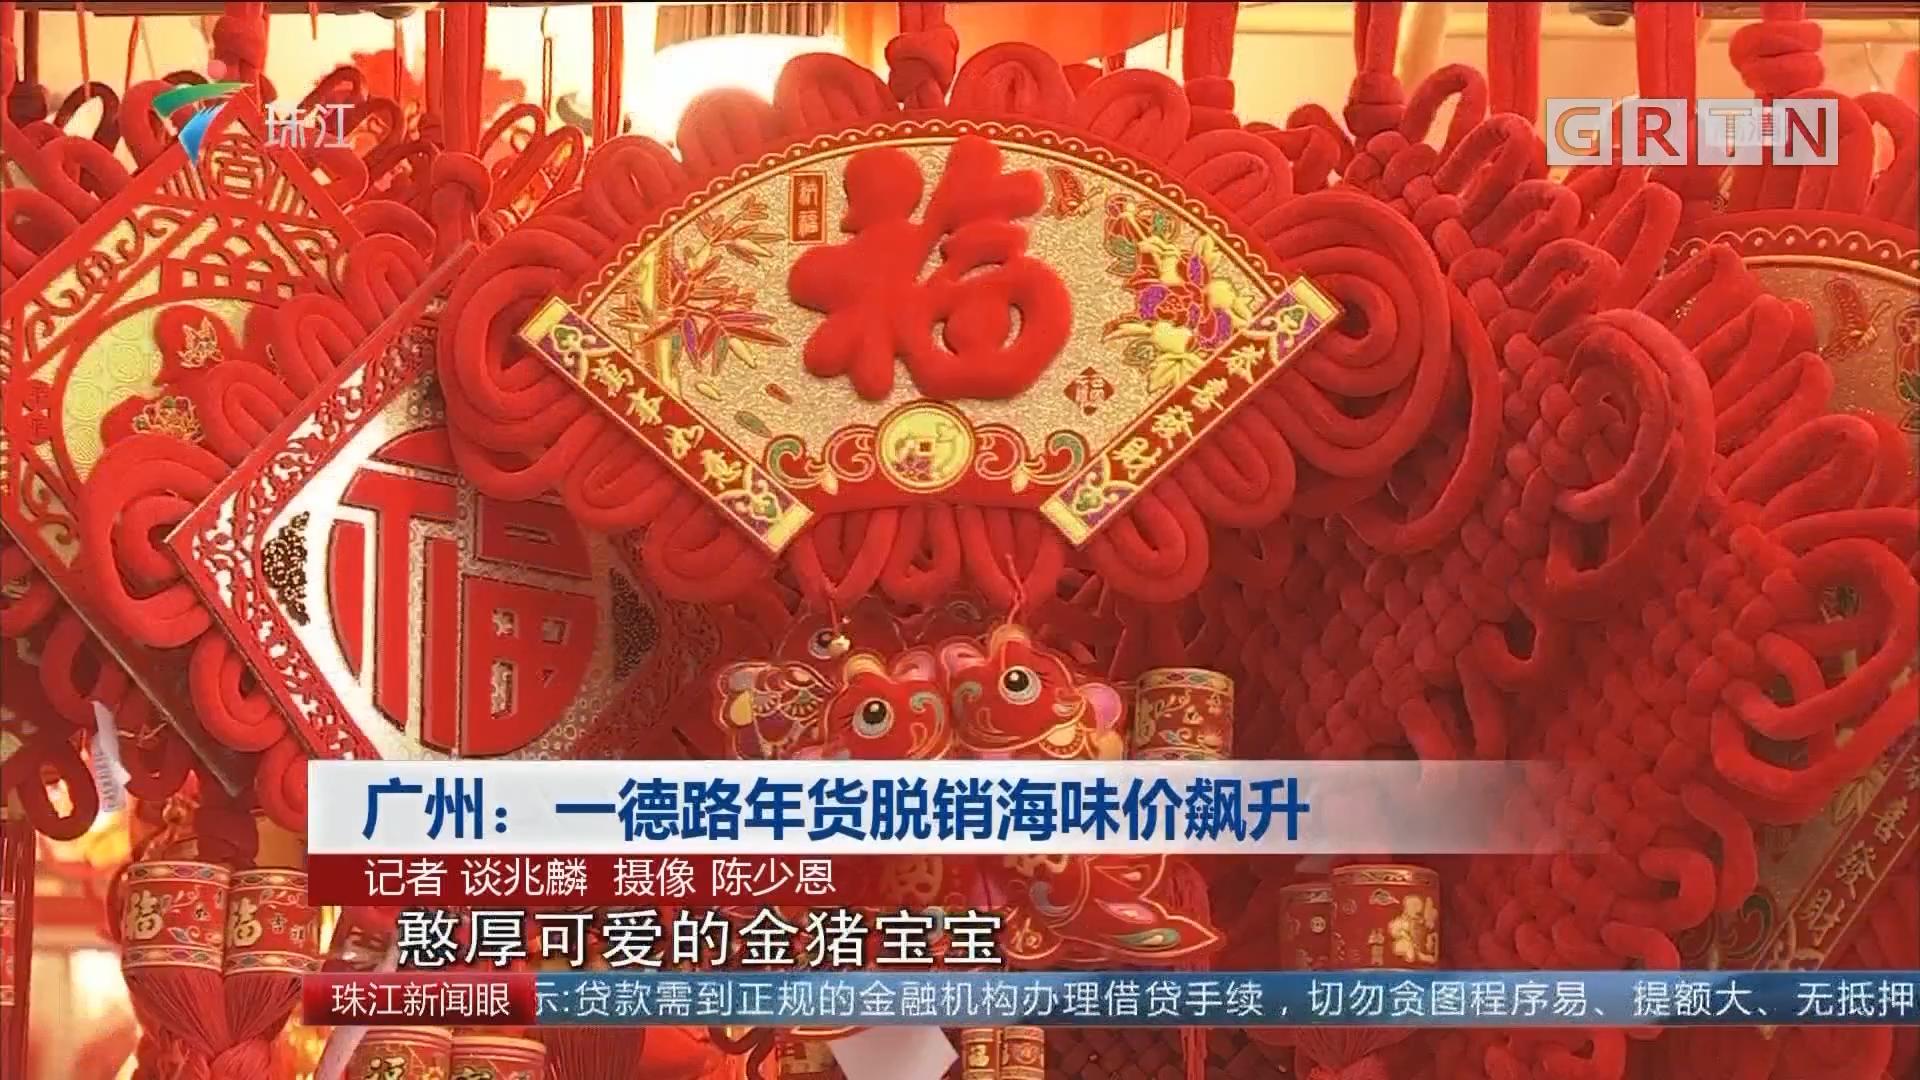 广州:一德路年货脱销海味价飙升